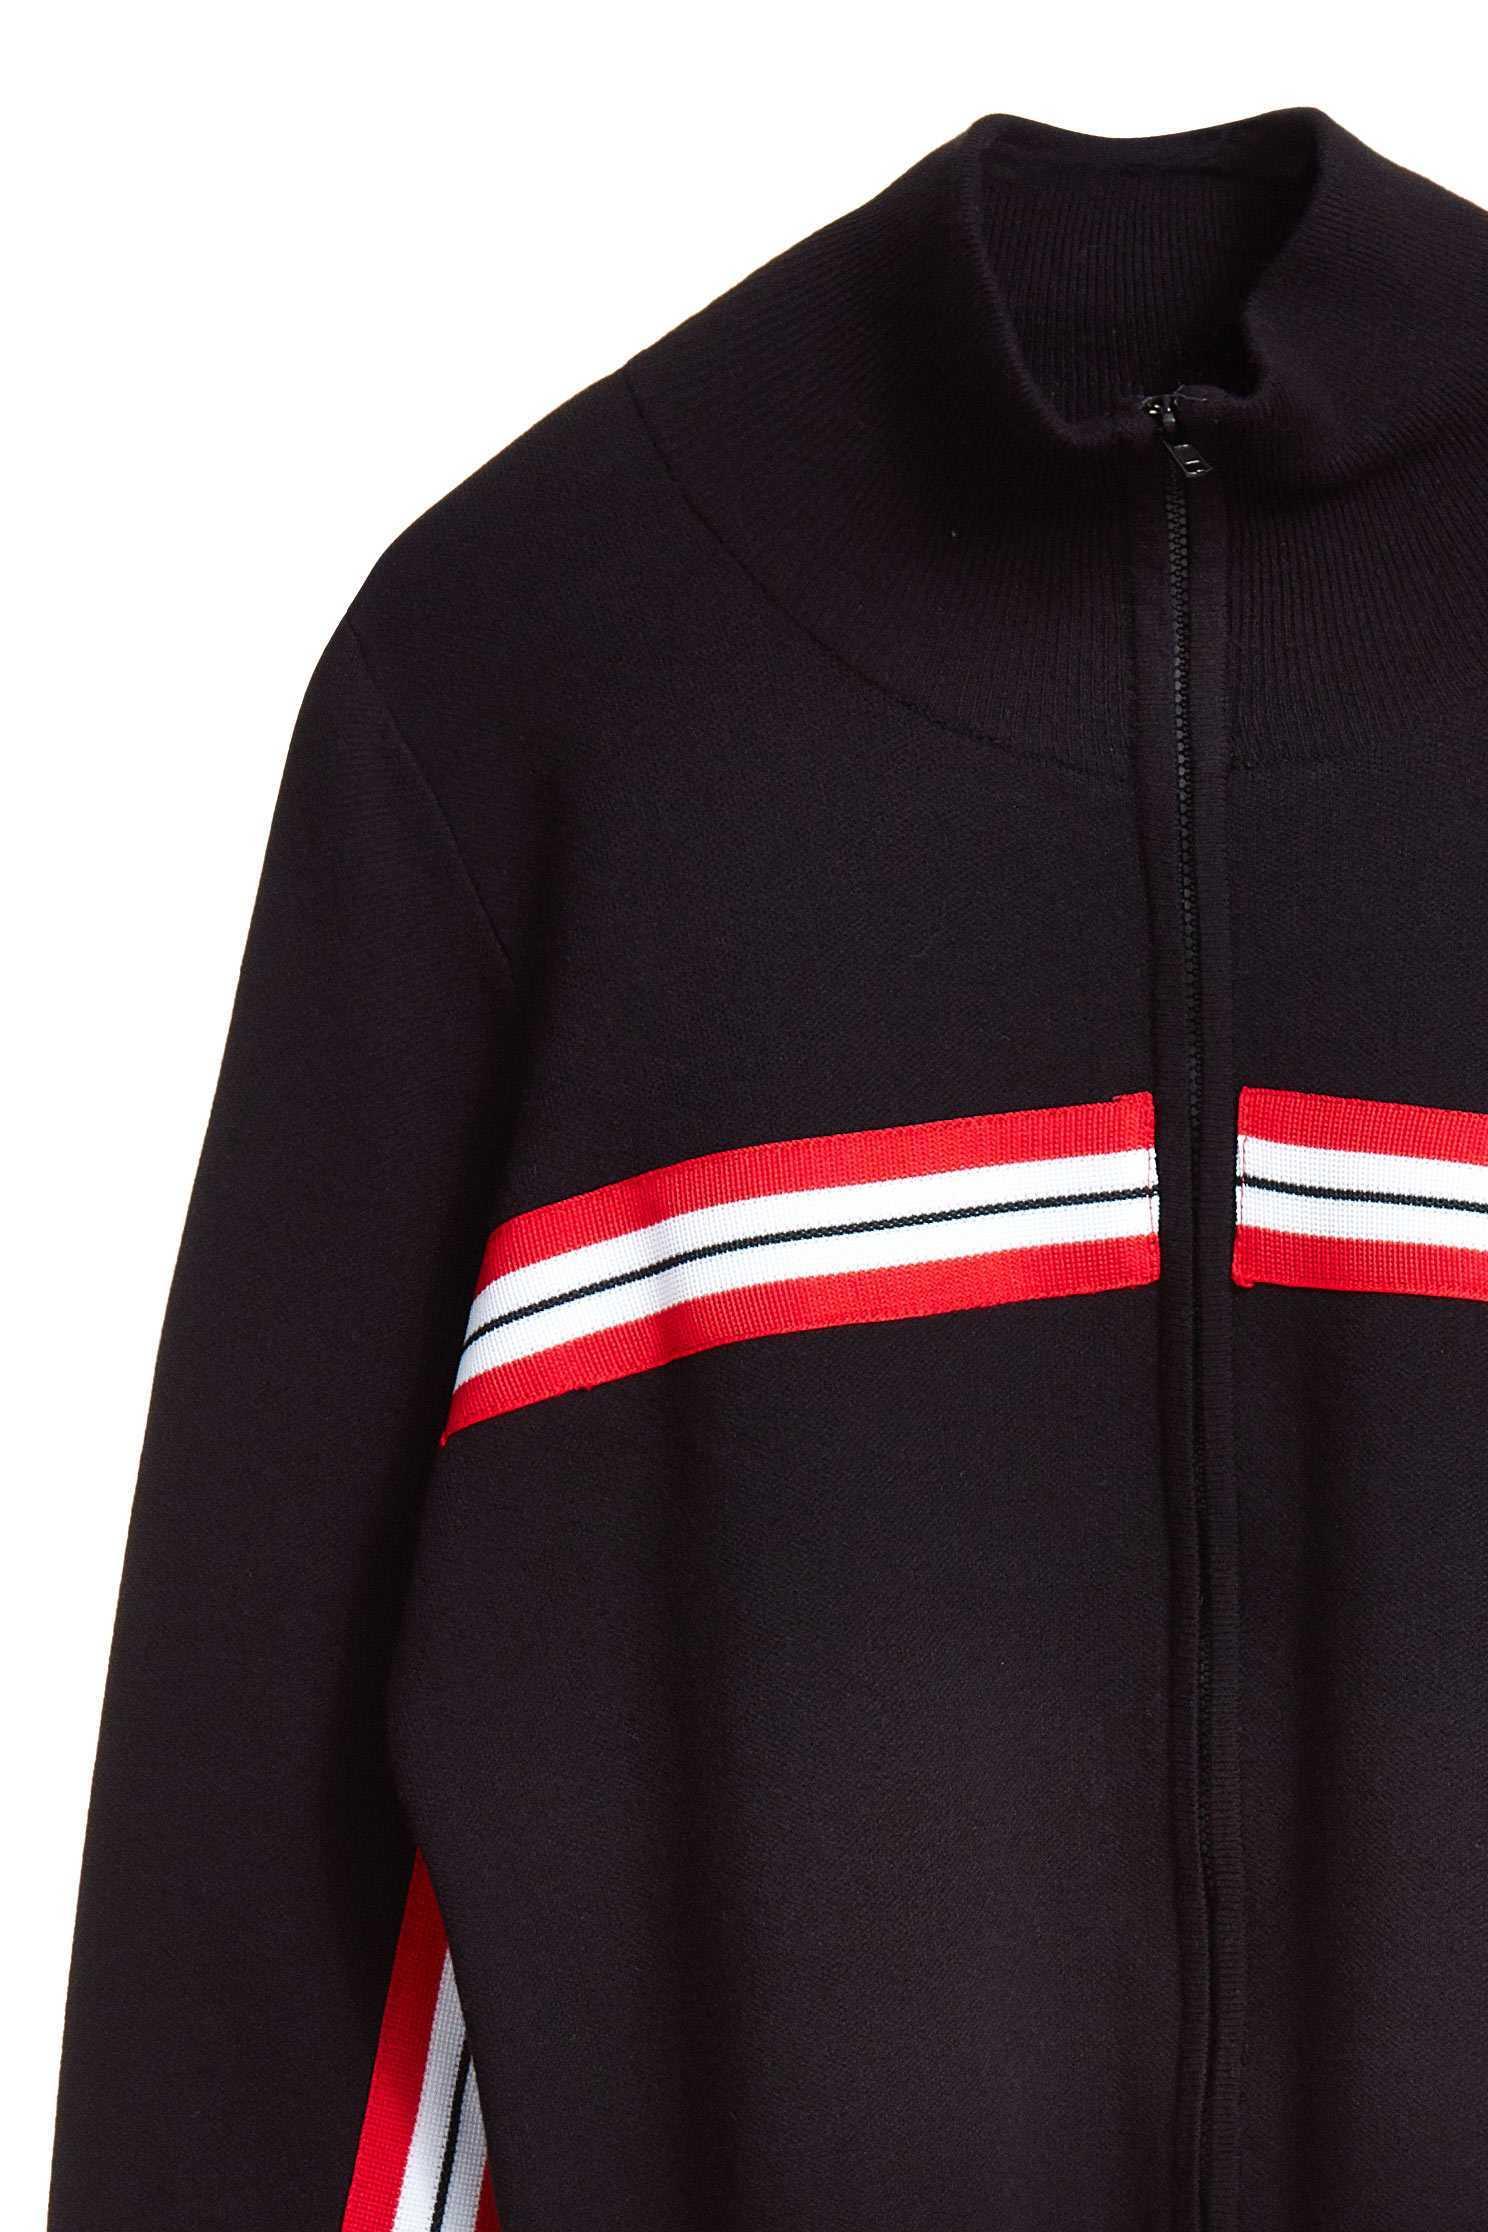 High neck design top with sporty webbing decoration,top,outerwear,knitting,knittedtop,knittedjacket,longsleevetop,longsleeveouterwear,blackouterwear